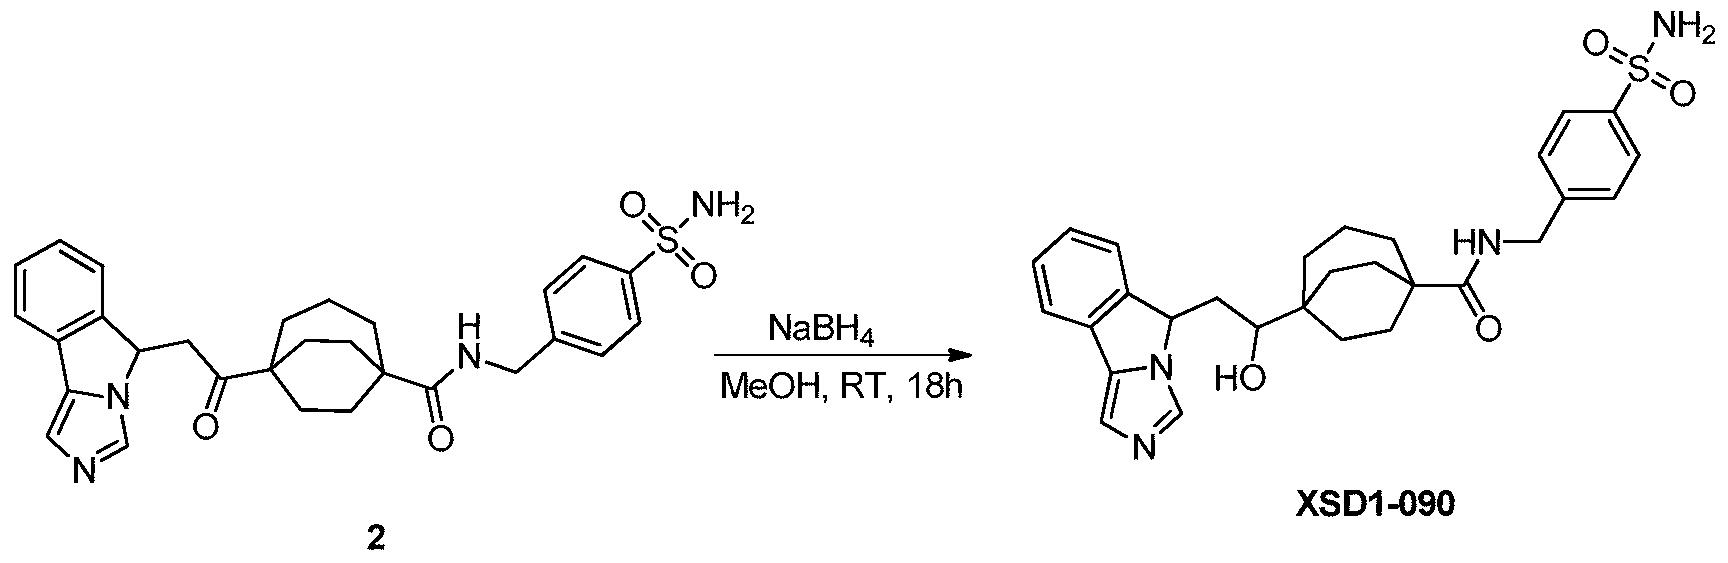 Figure PCTCN2017084604-appb-000134